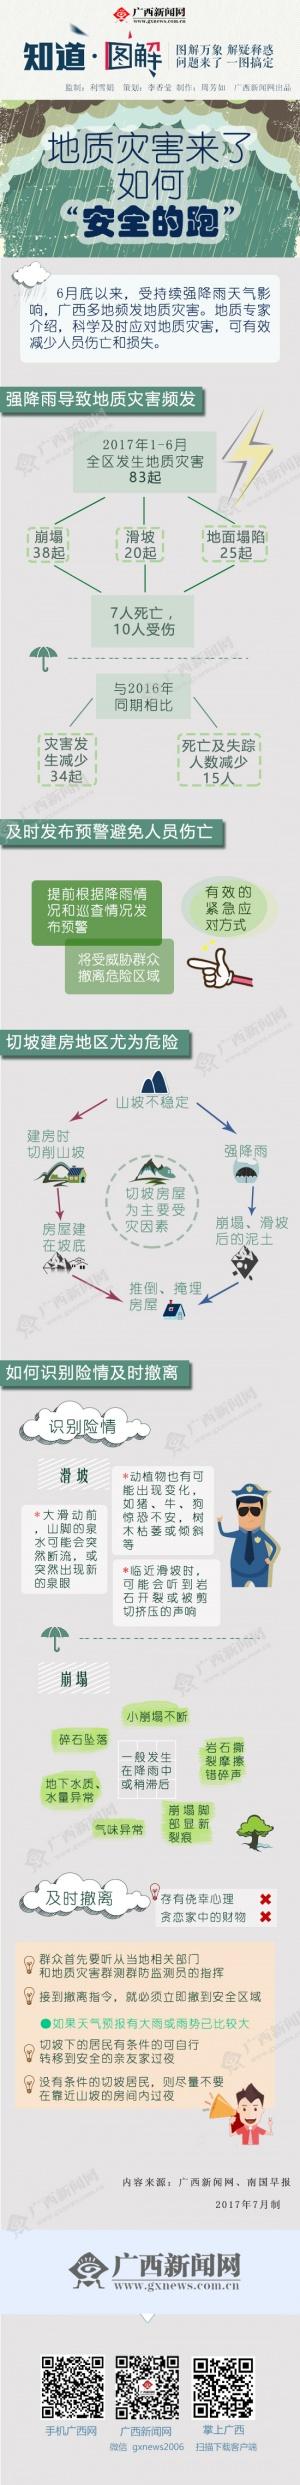 [图解]地质灾害来了 如何